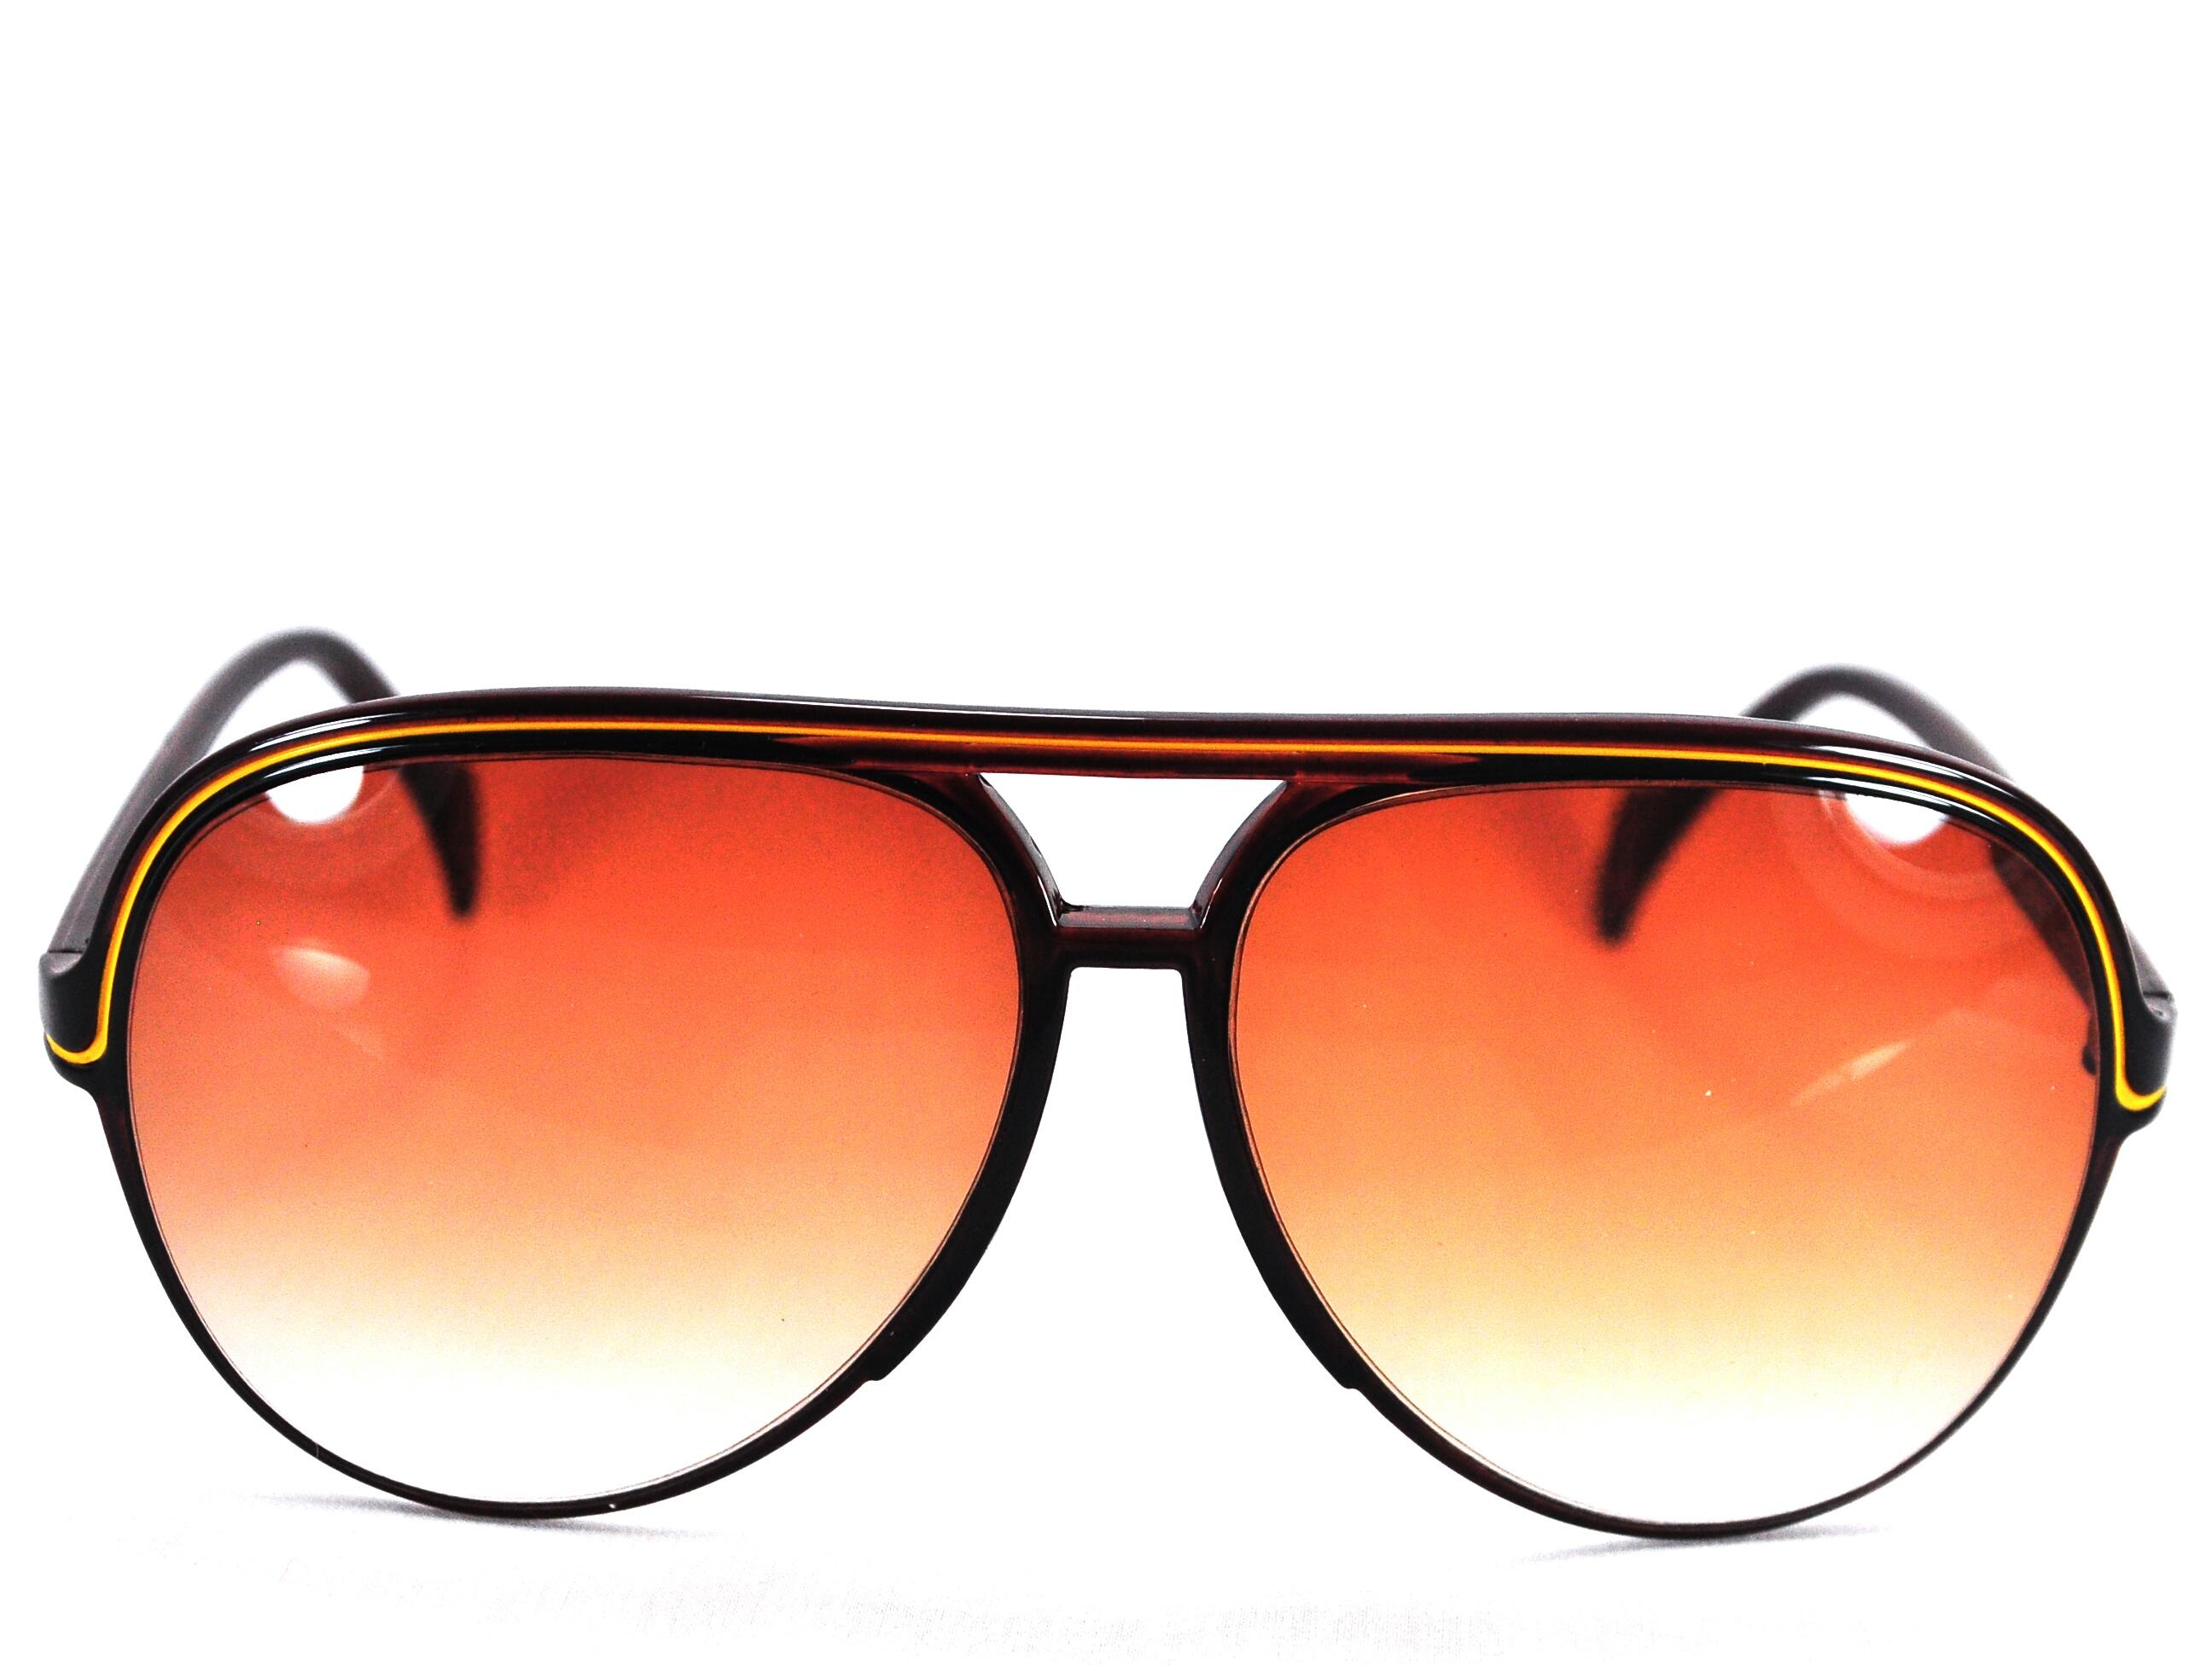 แว่นกันแดด แฟชั่น สไตล์วินเทจ สีชา